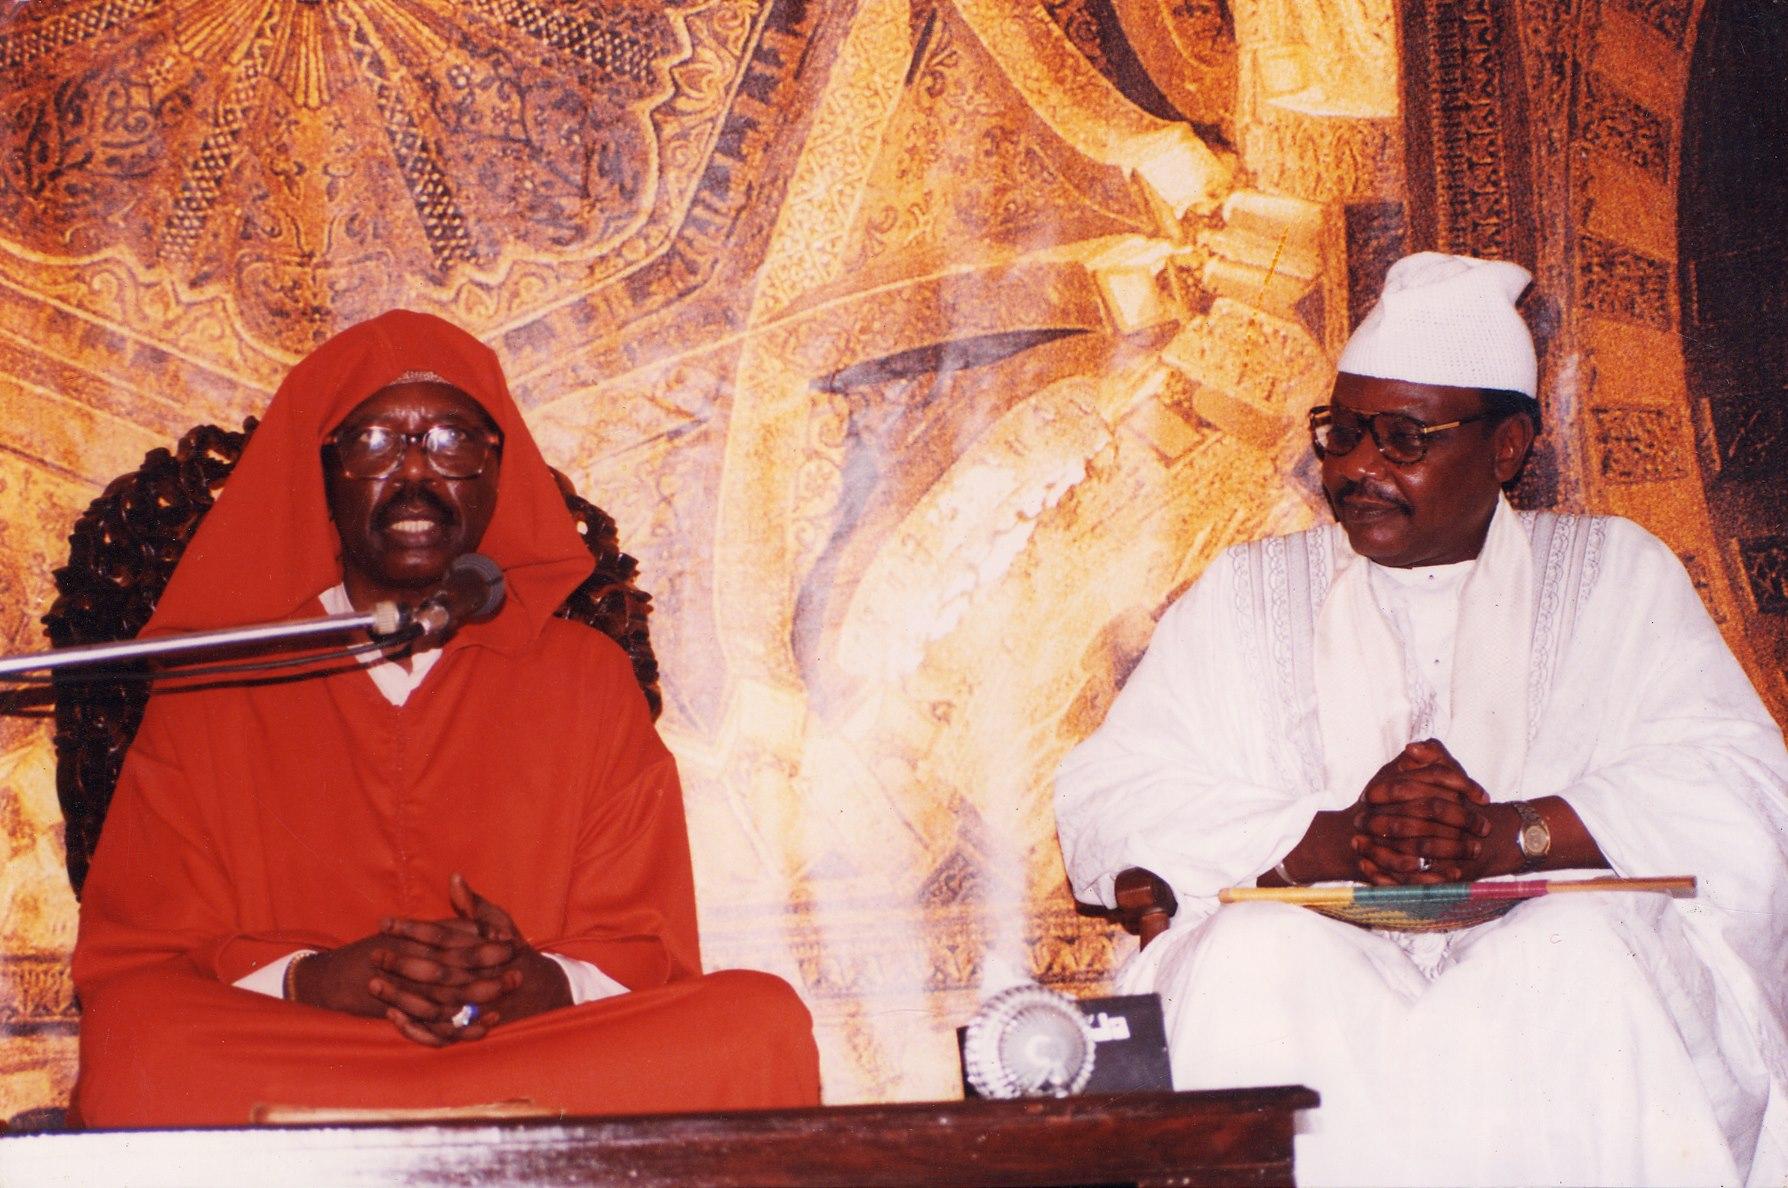 Serigne Pape Malick Sy inhumé aux côtés de son frère Cheikh Tidiane Sy Al-Maktoum